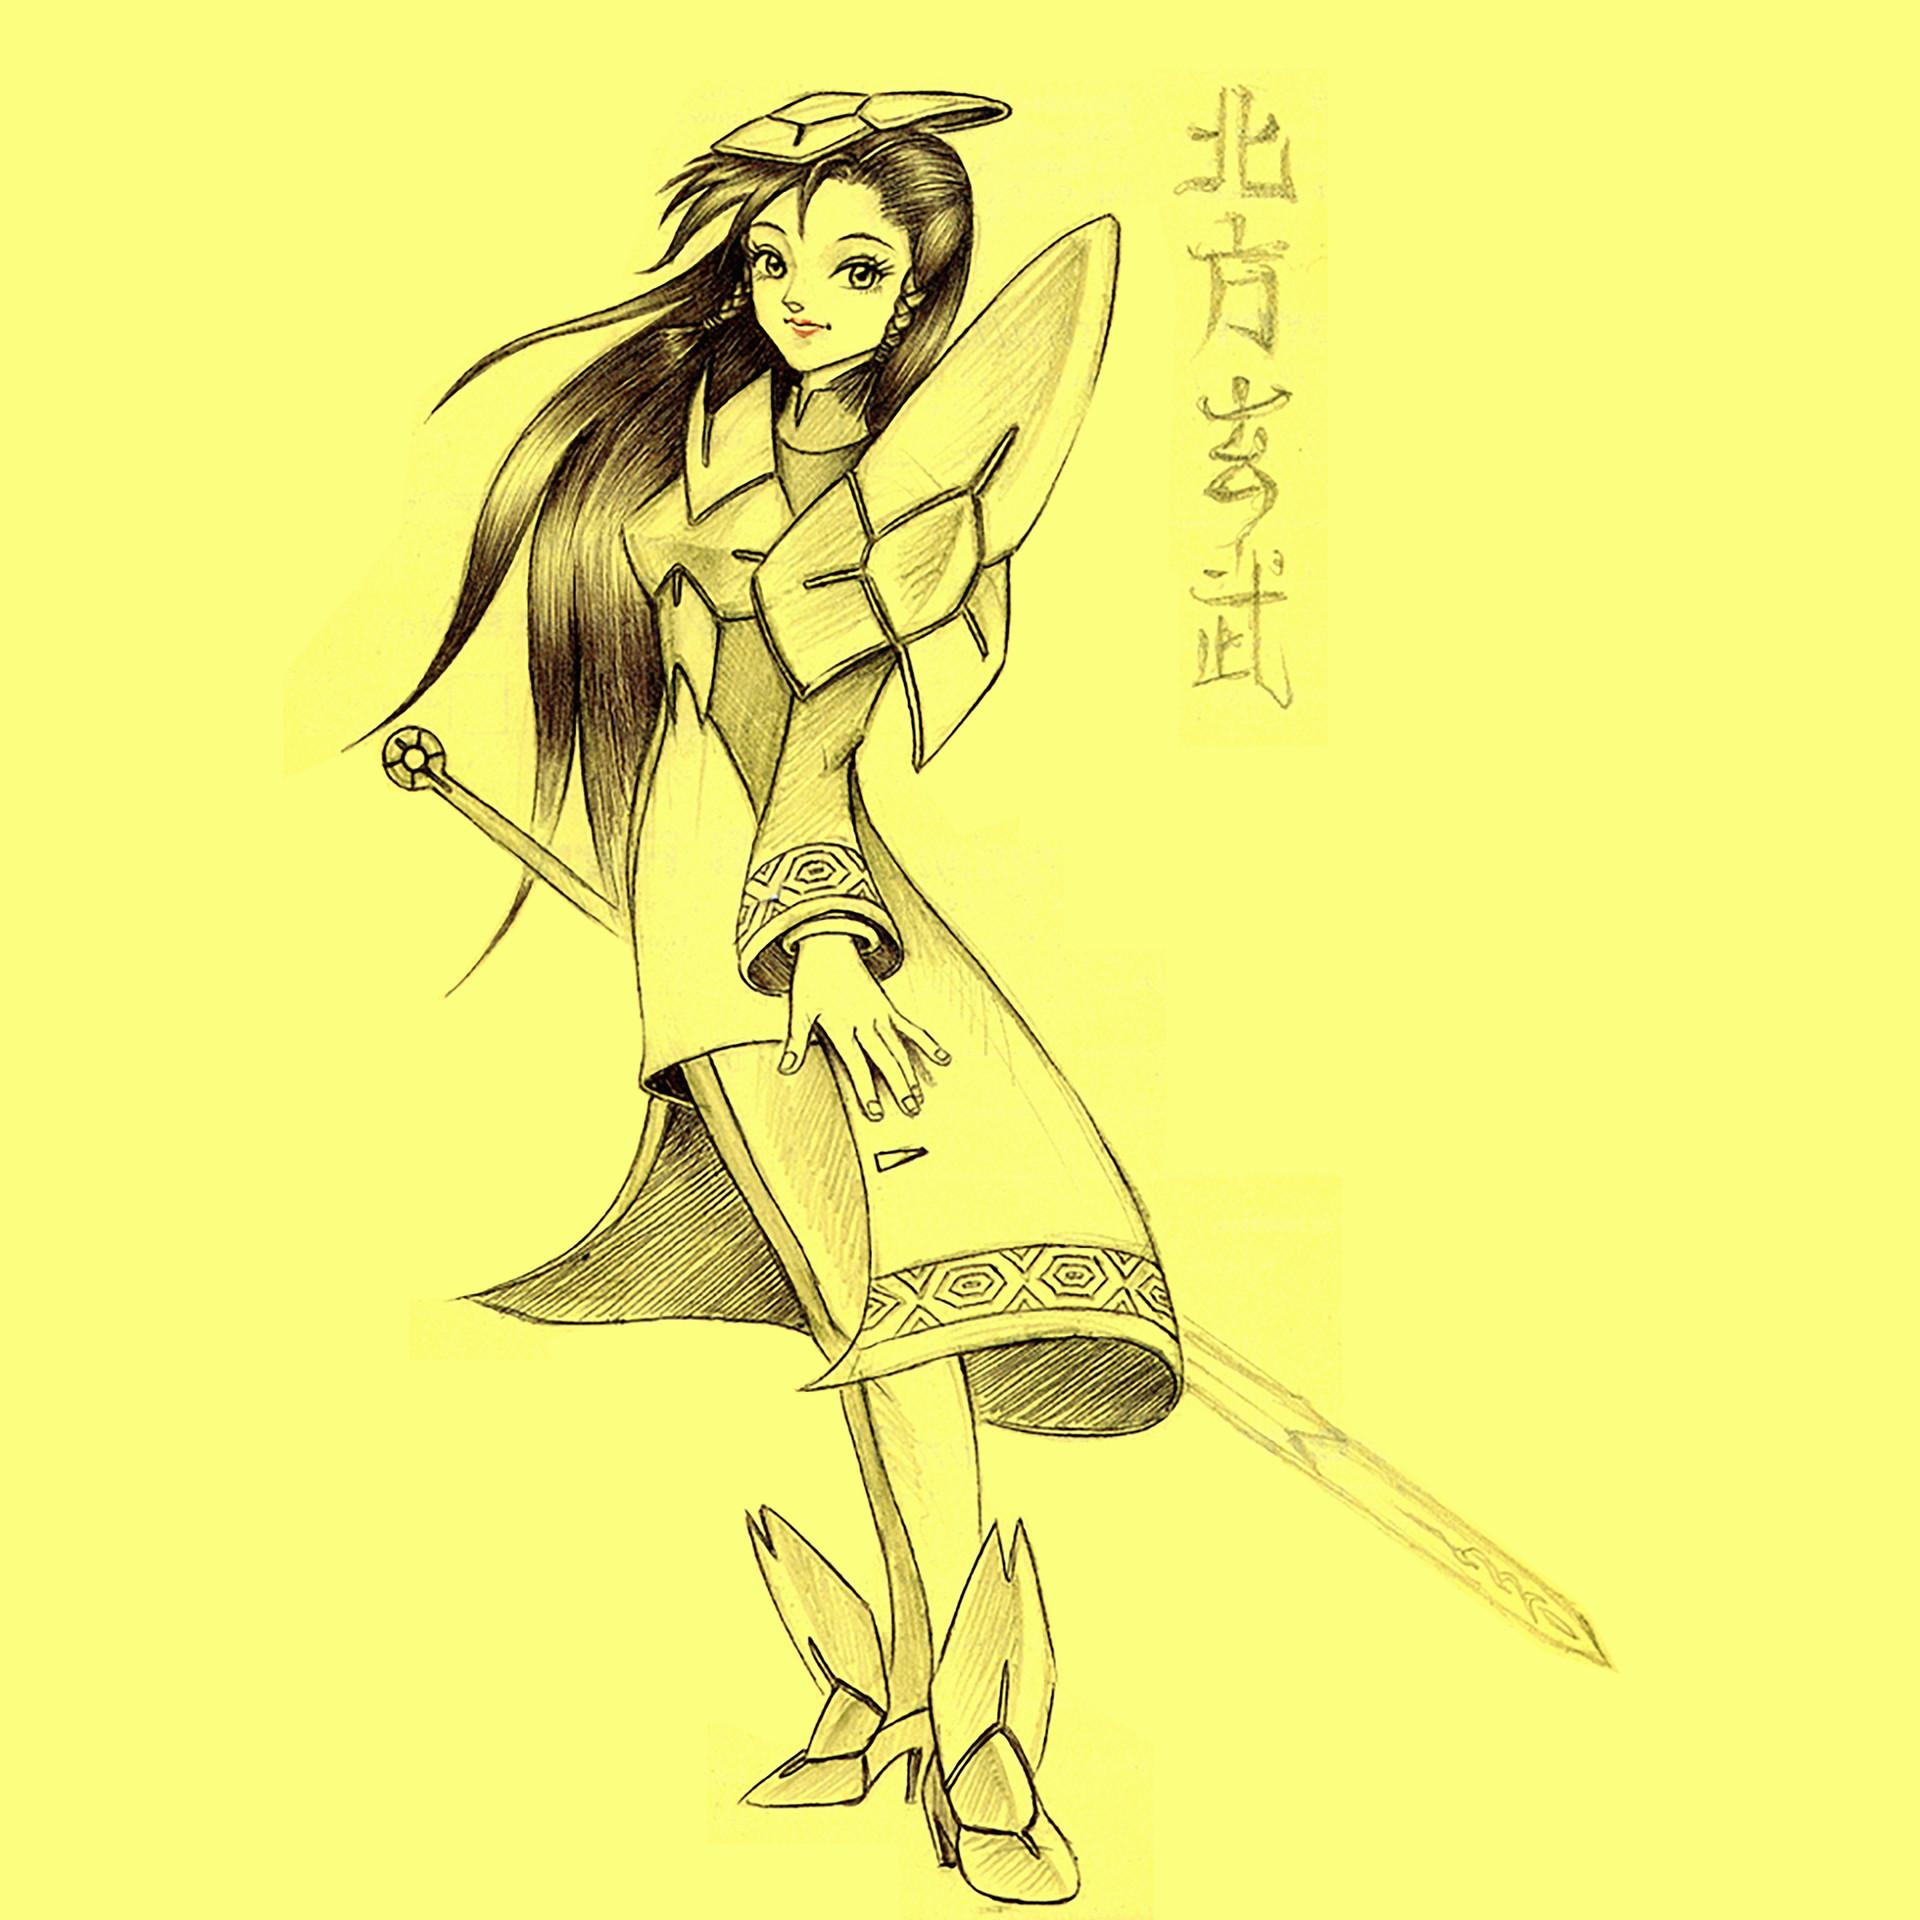 E lynx lin mingjing01